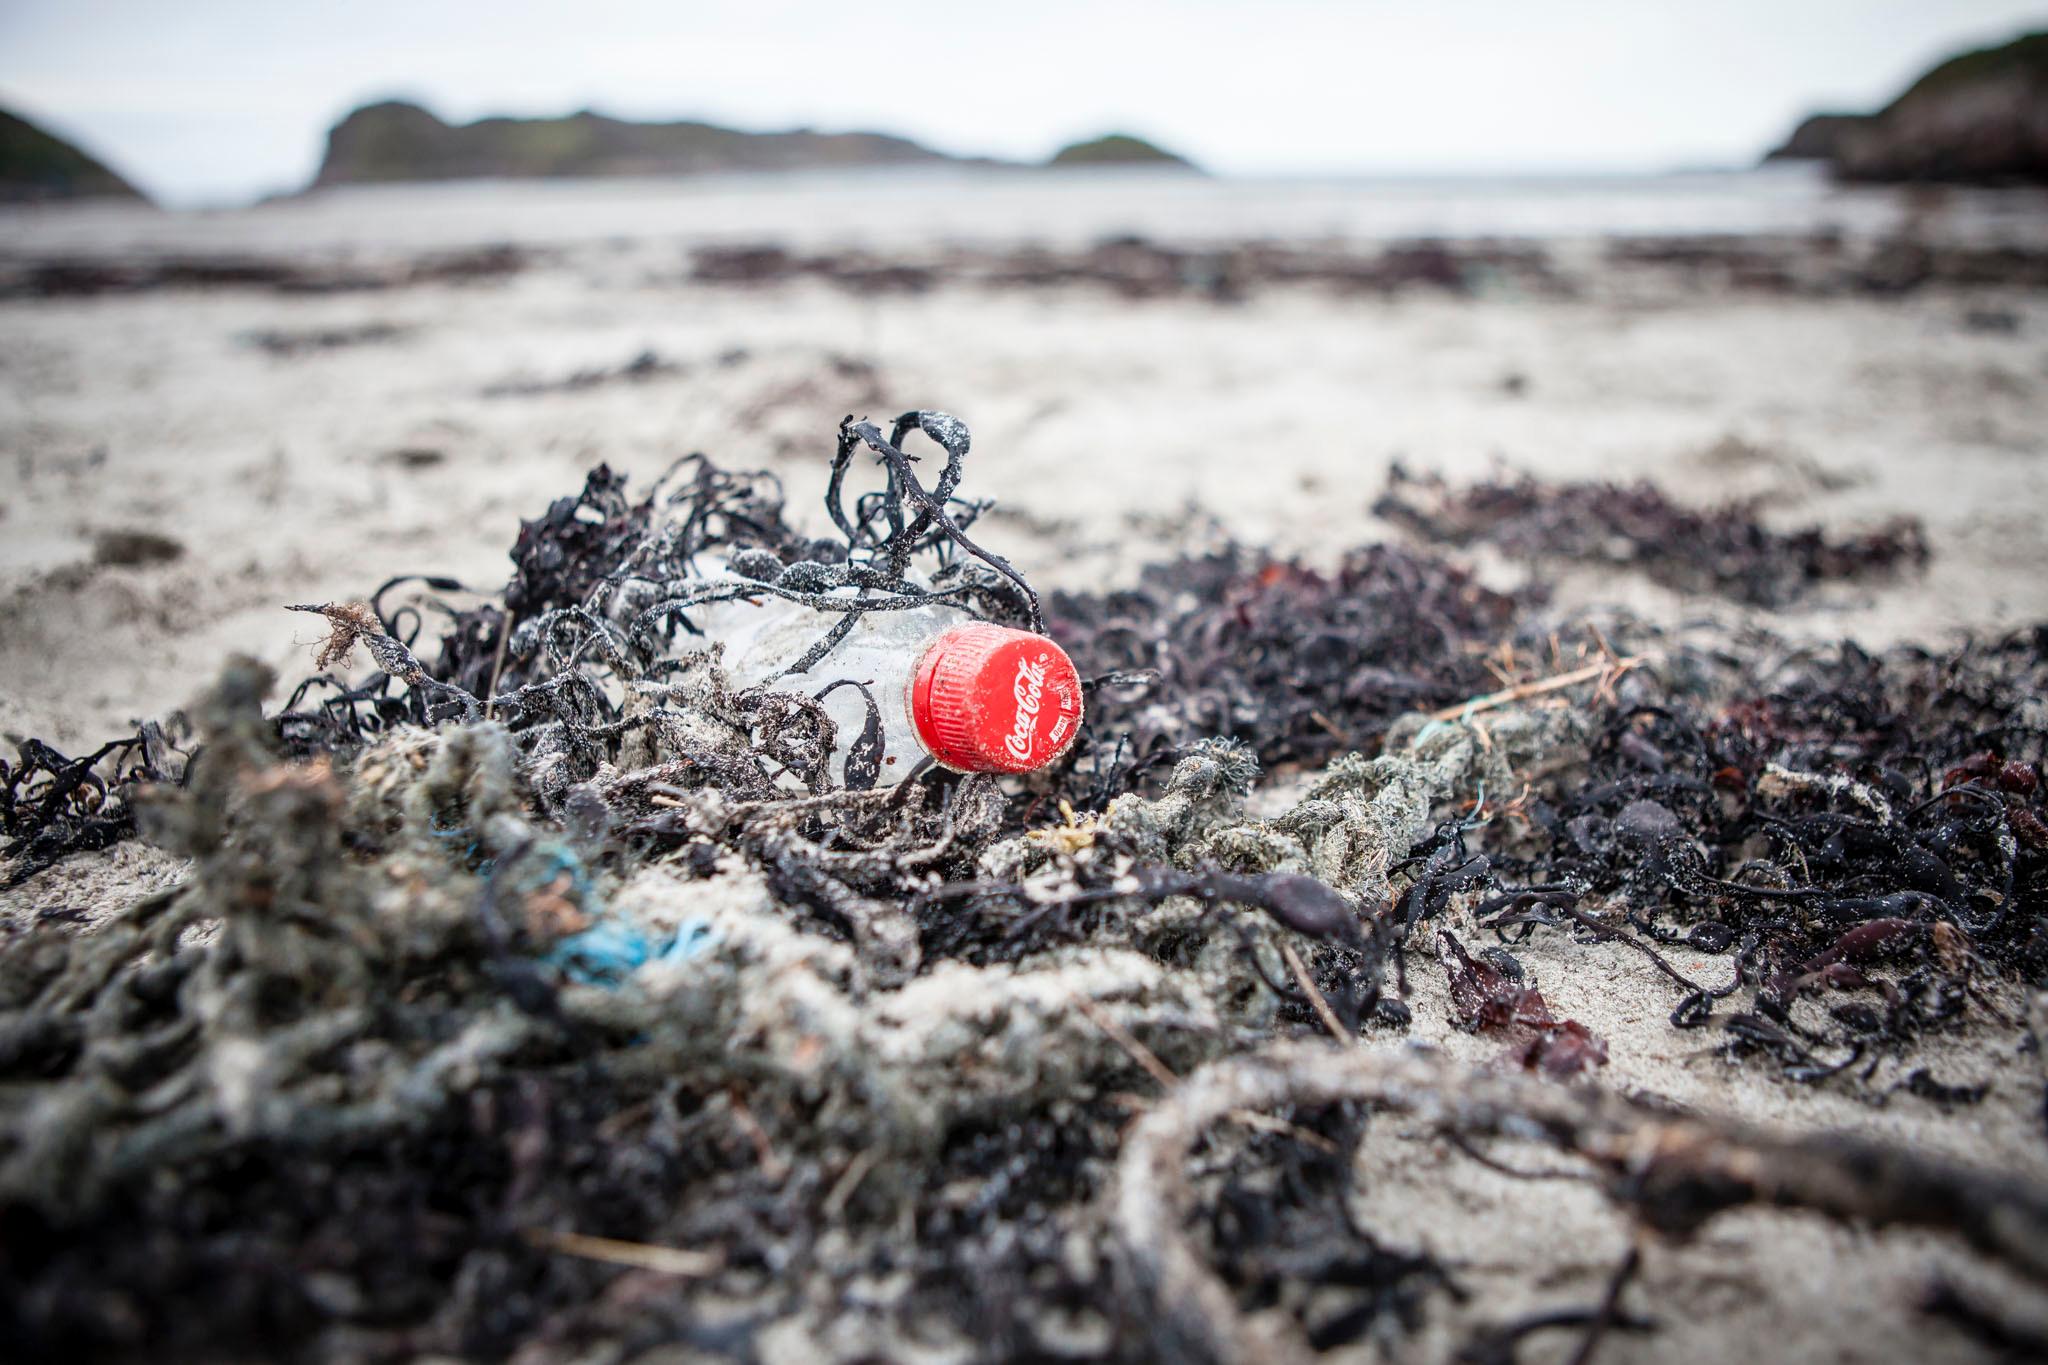 Bouteille de coca-cola retrouvée sur une plage d'Écosse lors d'une opération de nettoyage.